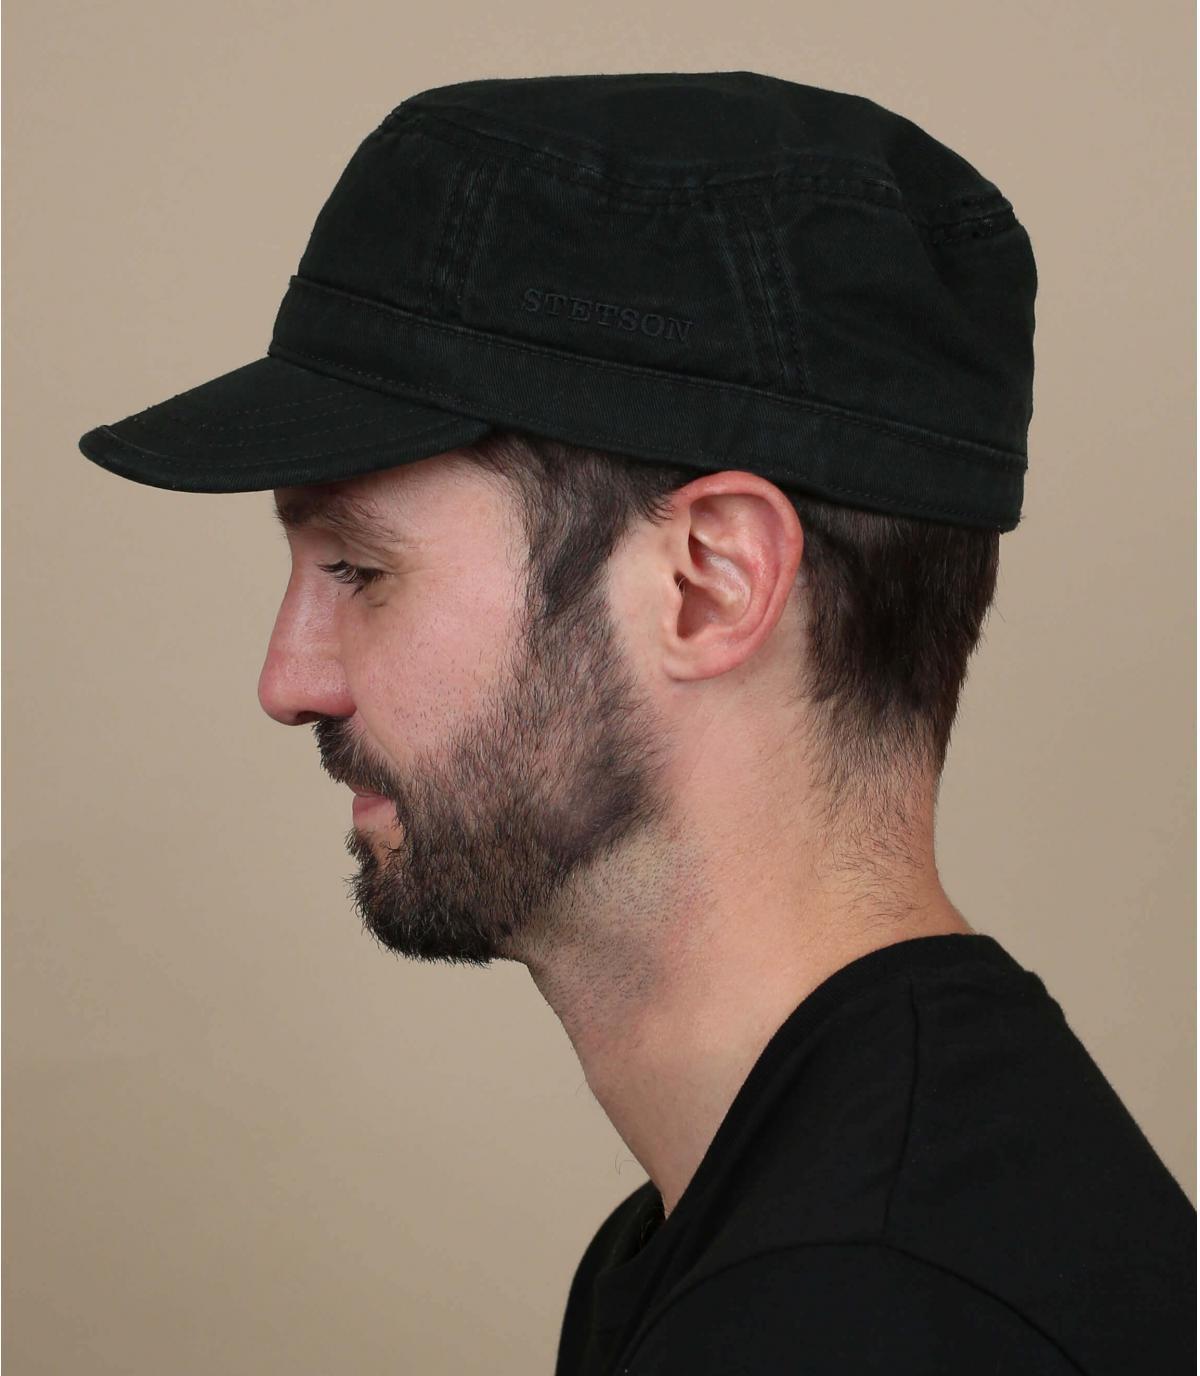 Cappellino army nero stetson